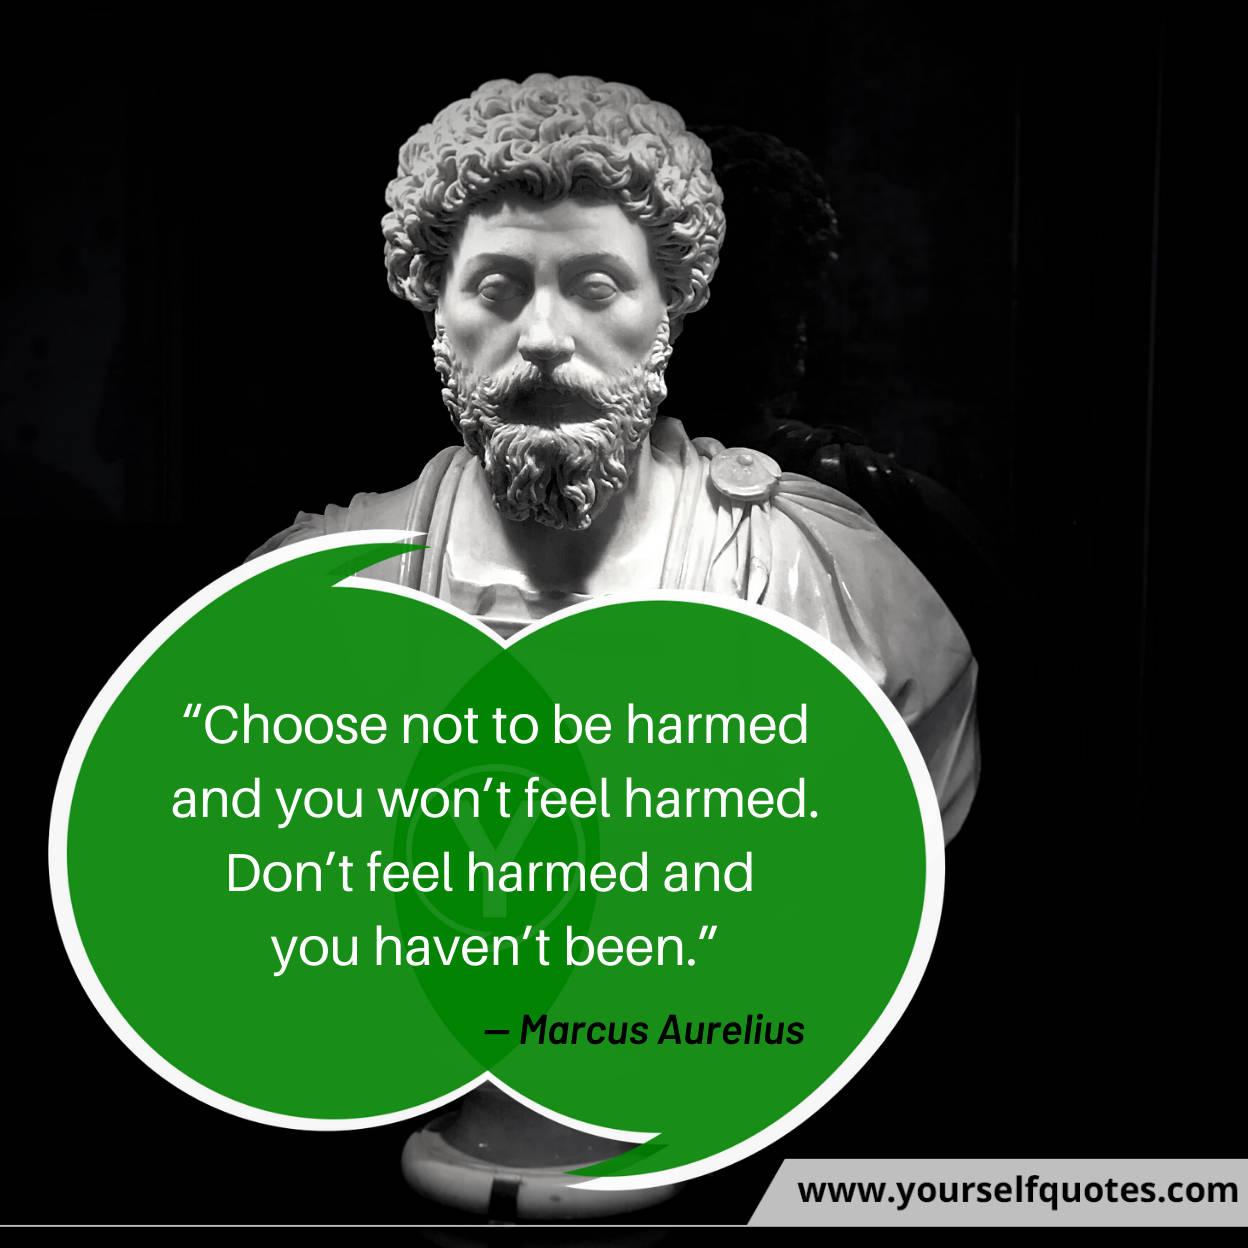 Marcus Aurelius Quotes Photos